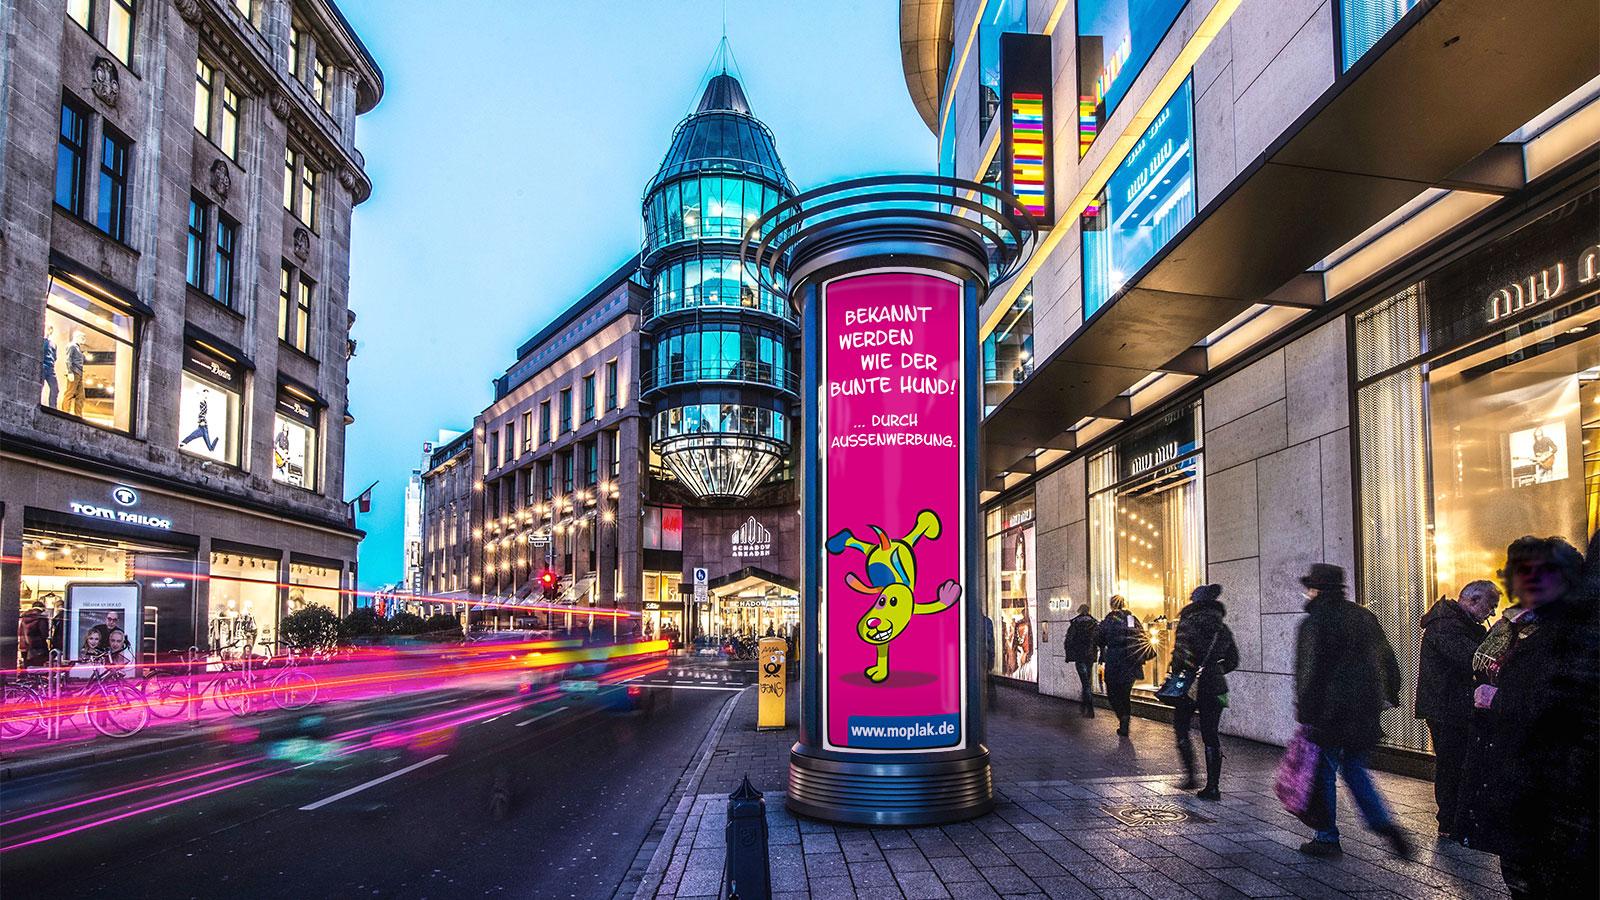 Rostock-Aussenwerbung-Litfasssaeule-Werbung